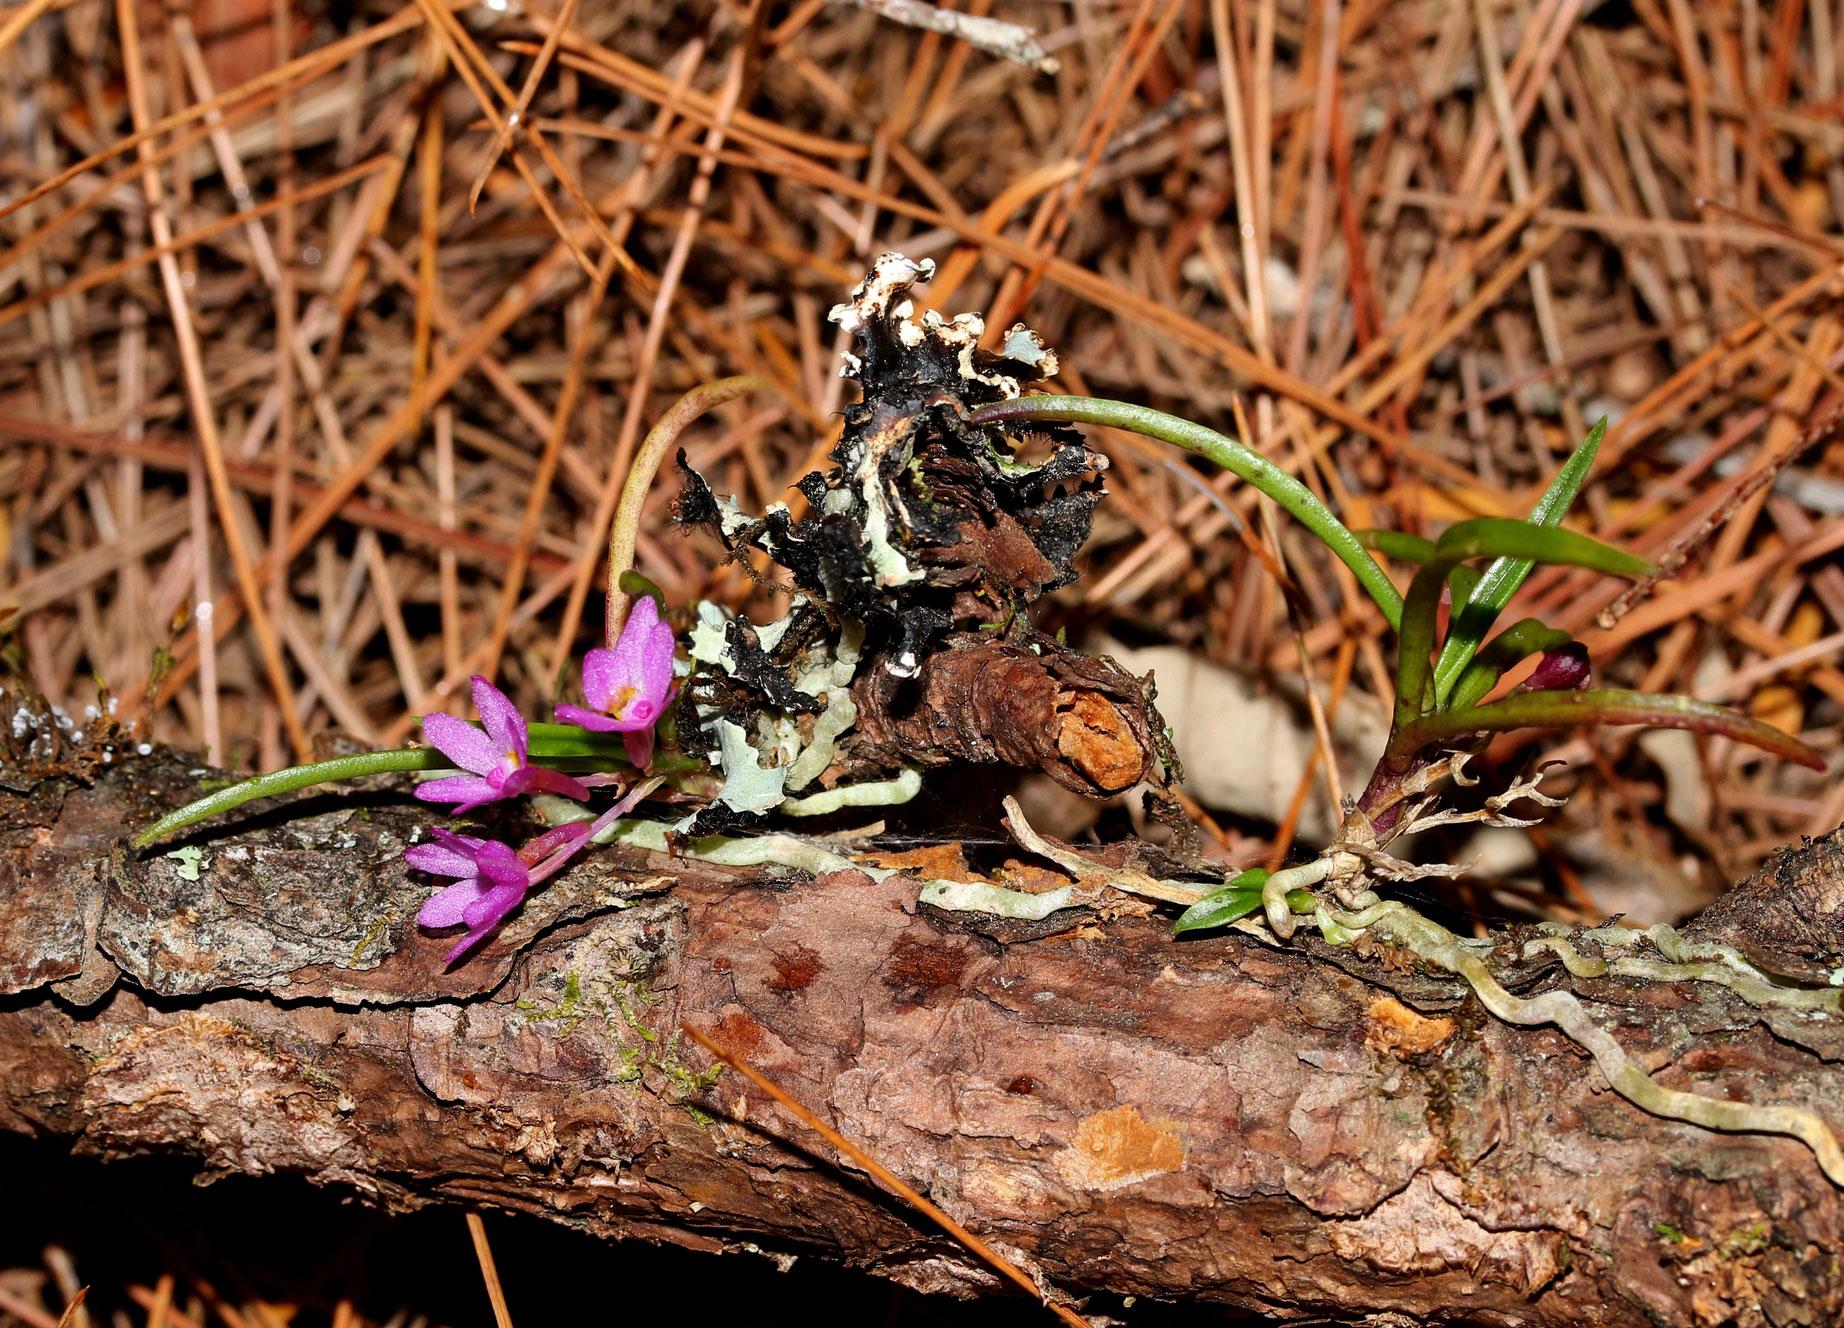 槽舌兰属种植与管理方法